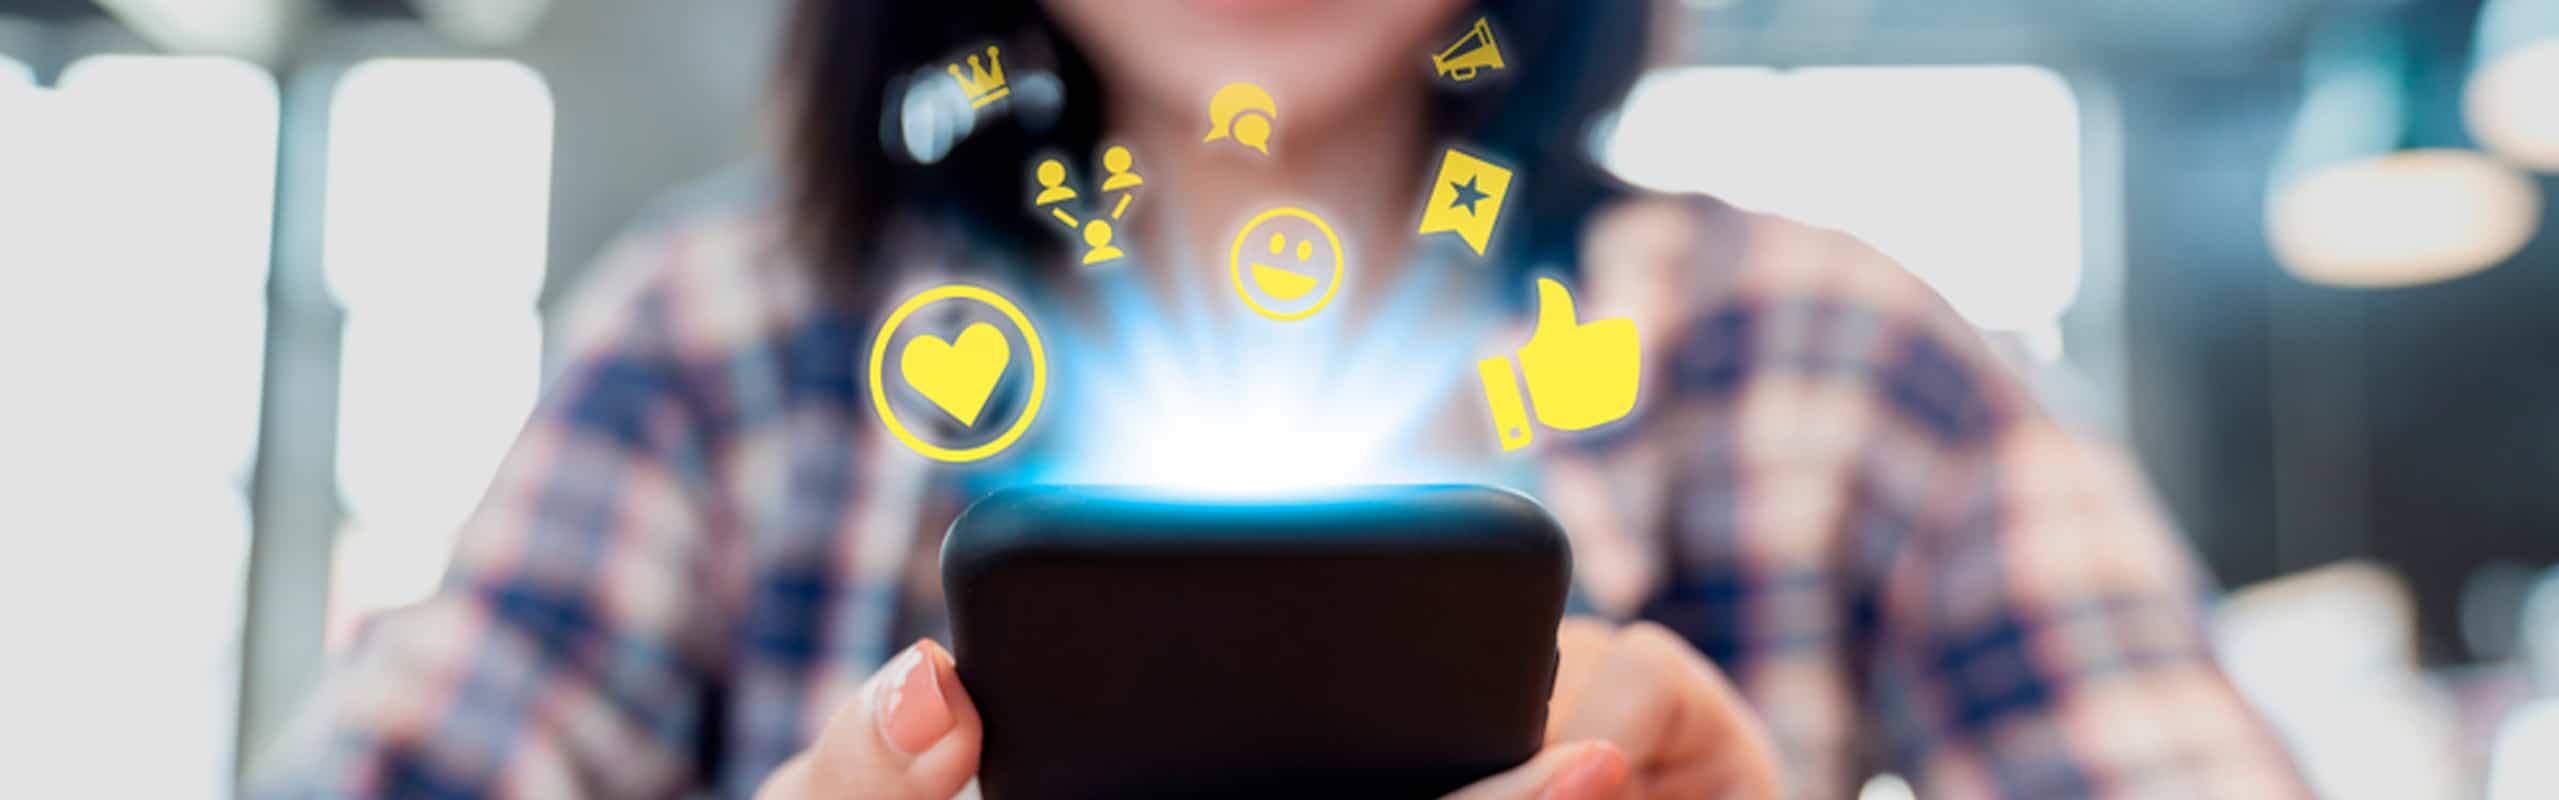 Descubre los marcadores sociales y sus ventajas en el marketing